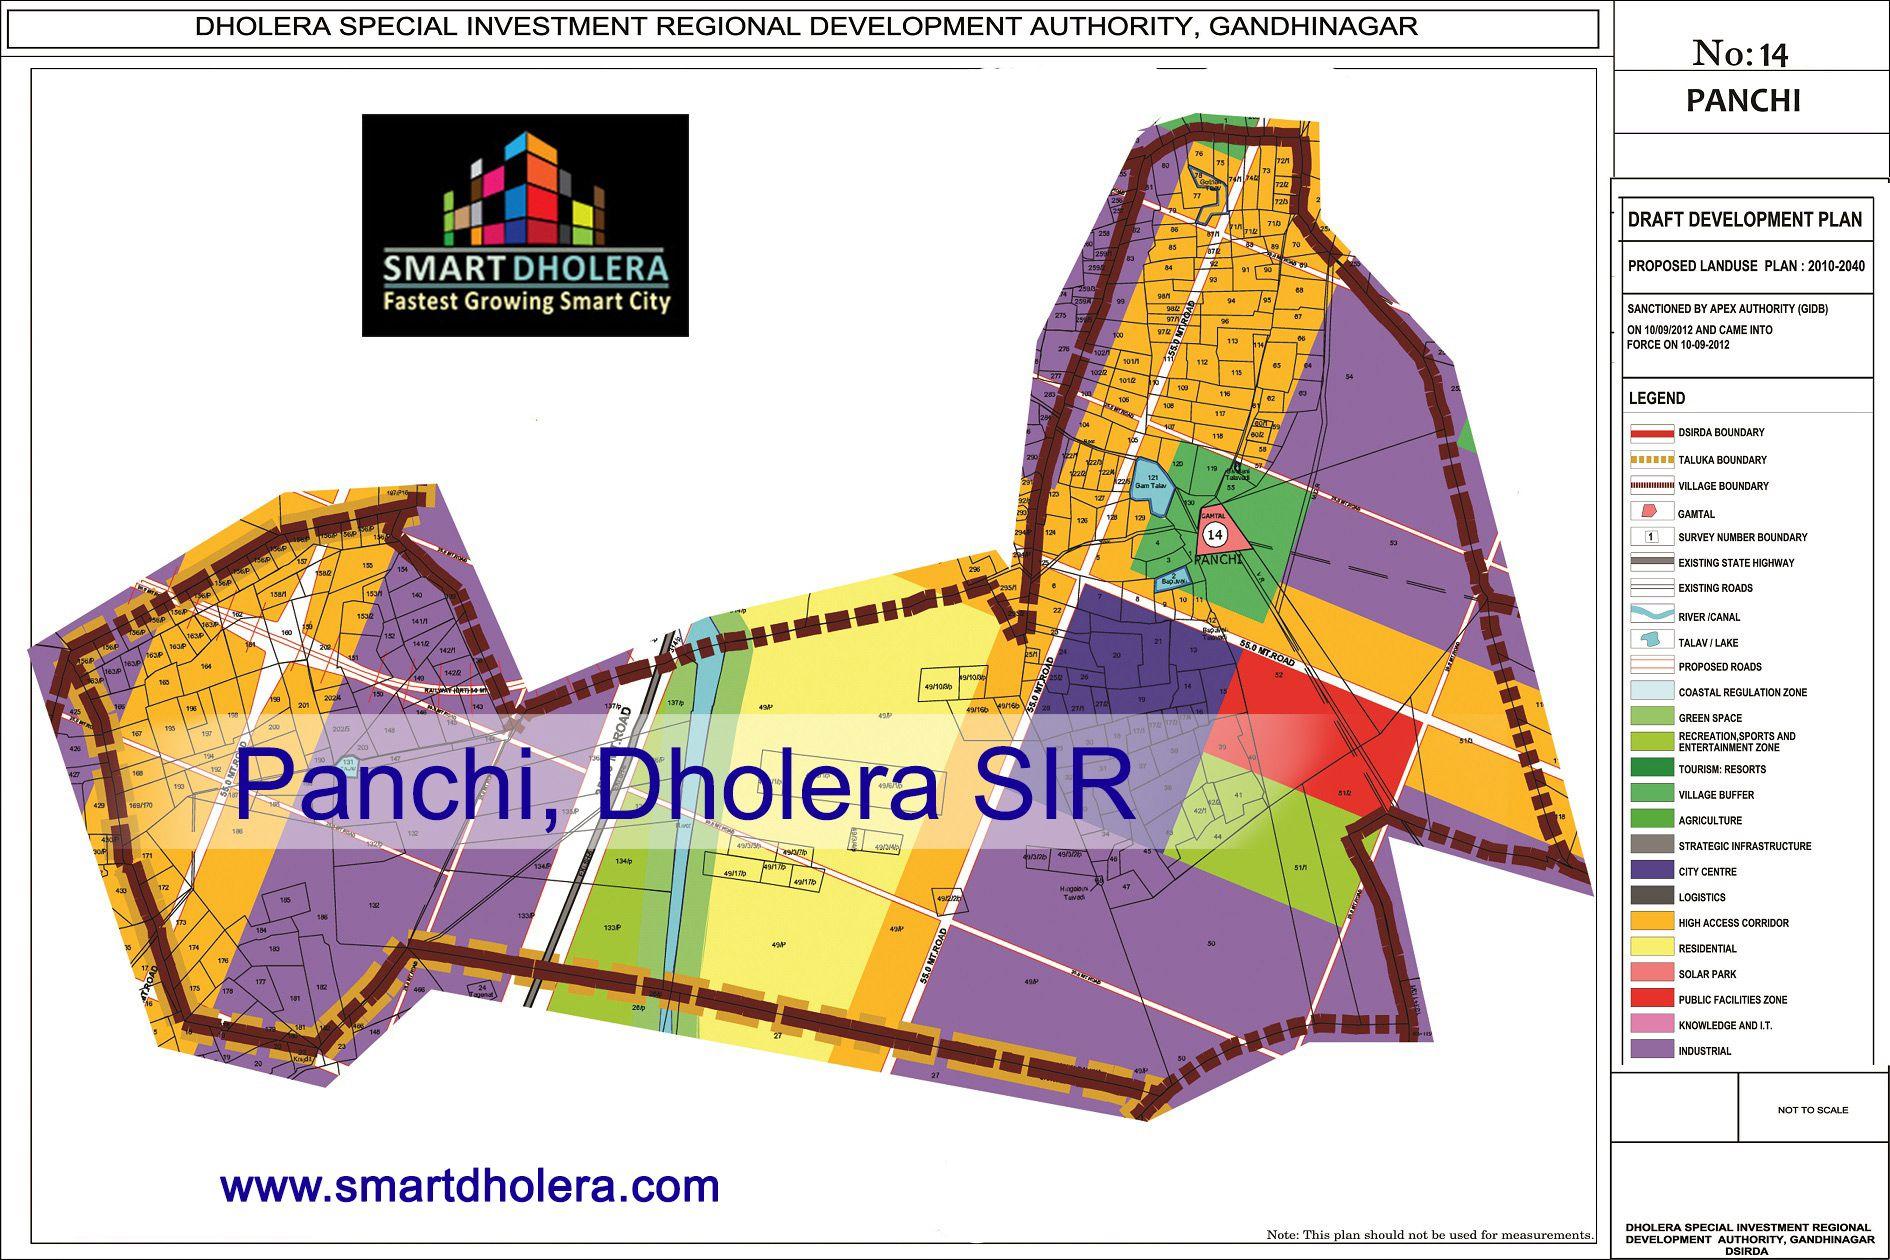 Map of PANCHI, Dholera SIR.